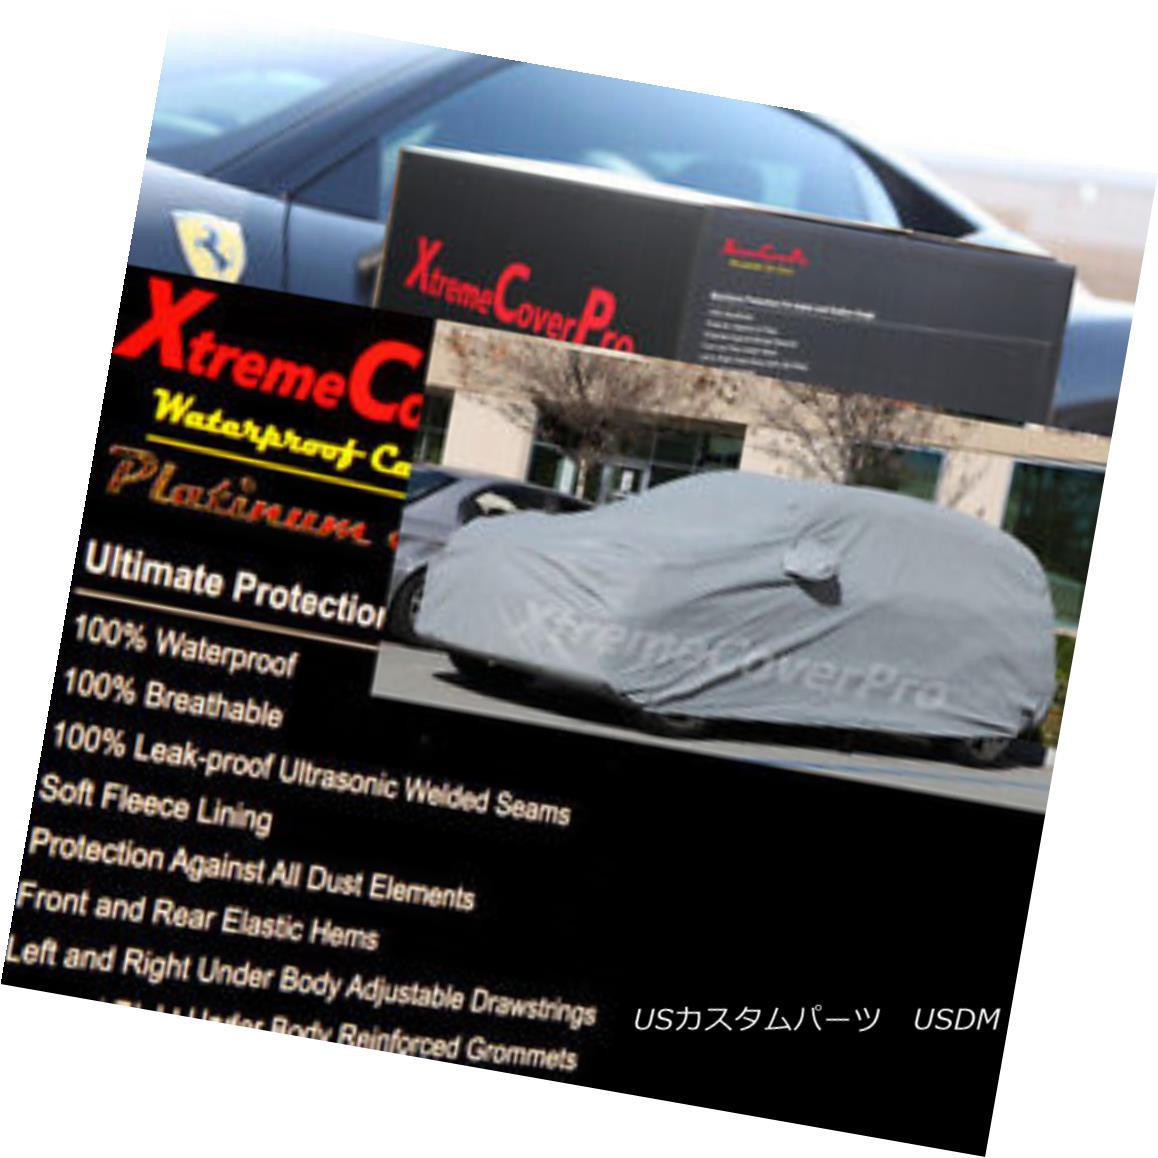 カーカバー 2002 2003 2004 Jeep Grand Cherokee Waterproof Car Cover w/MirrorPocket 2002年2003年2004ジープグランドチェロキー防水カーカバー付き(MirrorPocket)